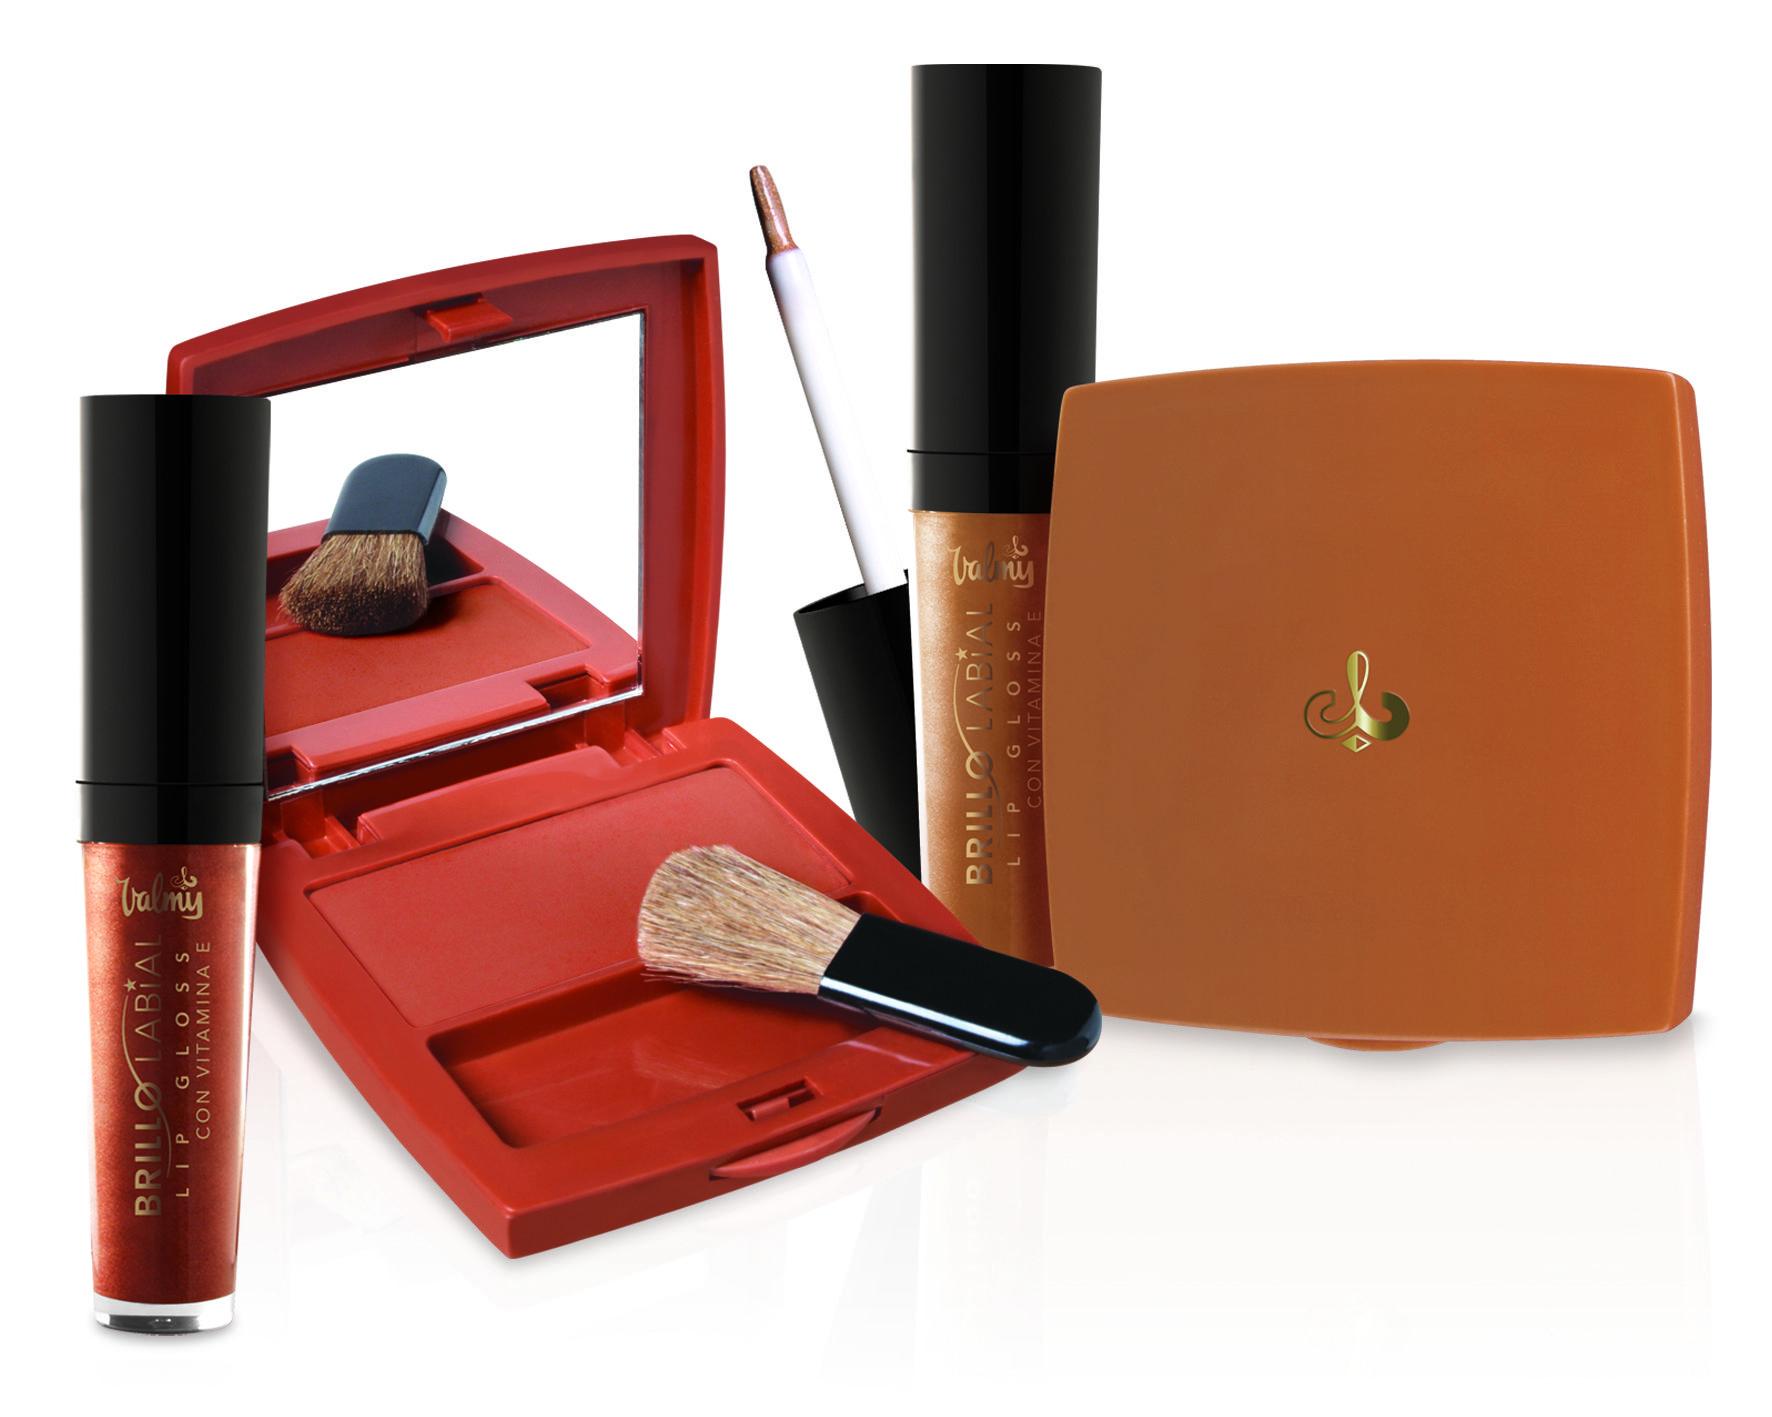 Luce el color del verano con la colección Bronzer de Valy  http://ventanaactual.blogspot.com/2012/08/luce-el-color-del-verano-con-las-nueva.html